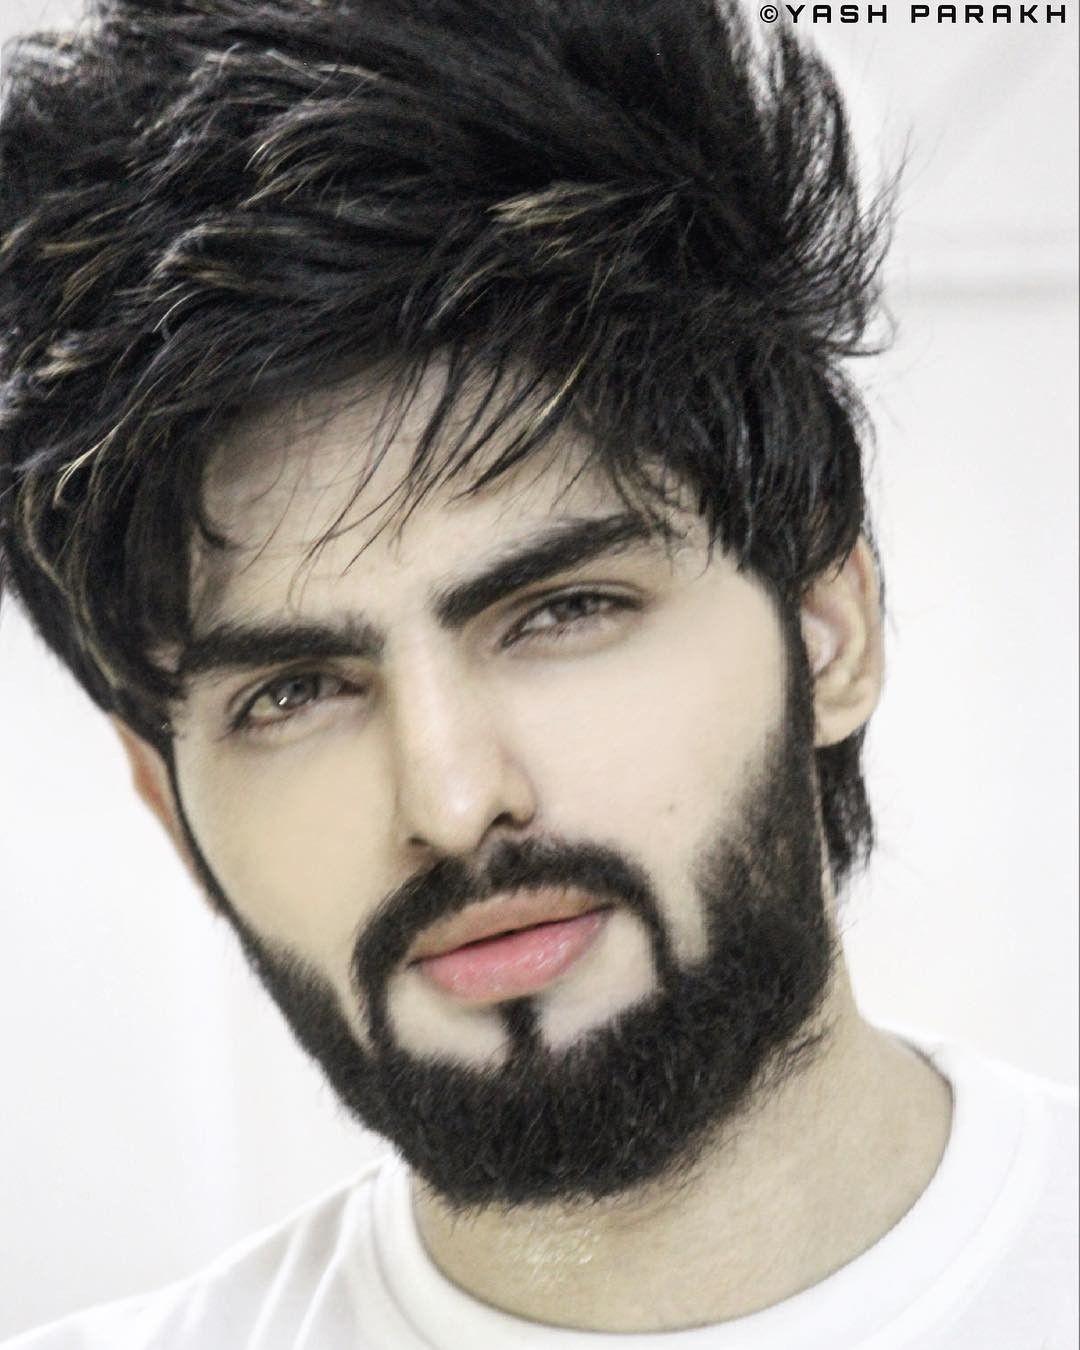 aiza khan. | hairstyles in 2019 | hair styles, hair, beard